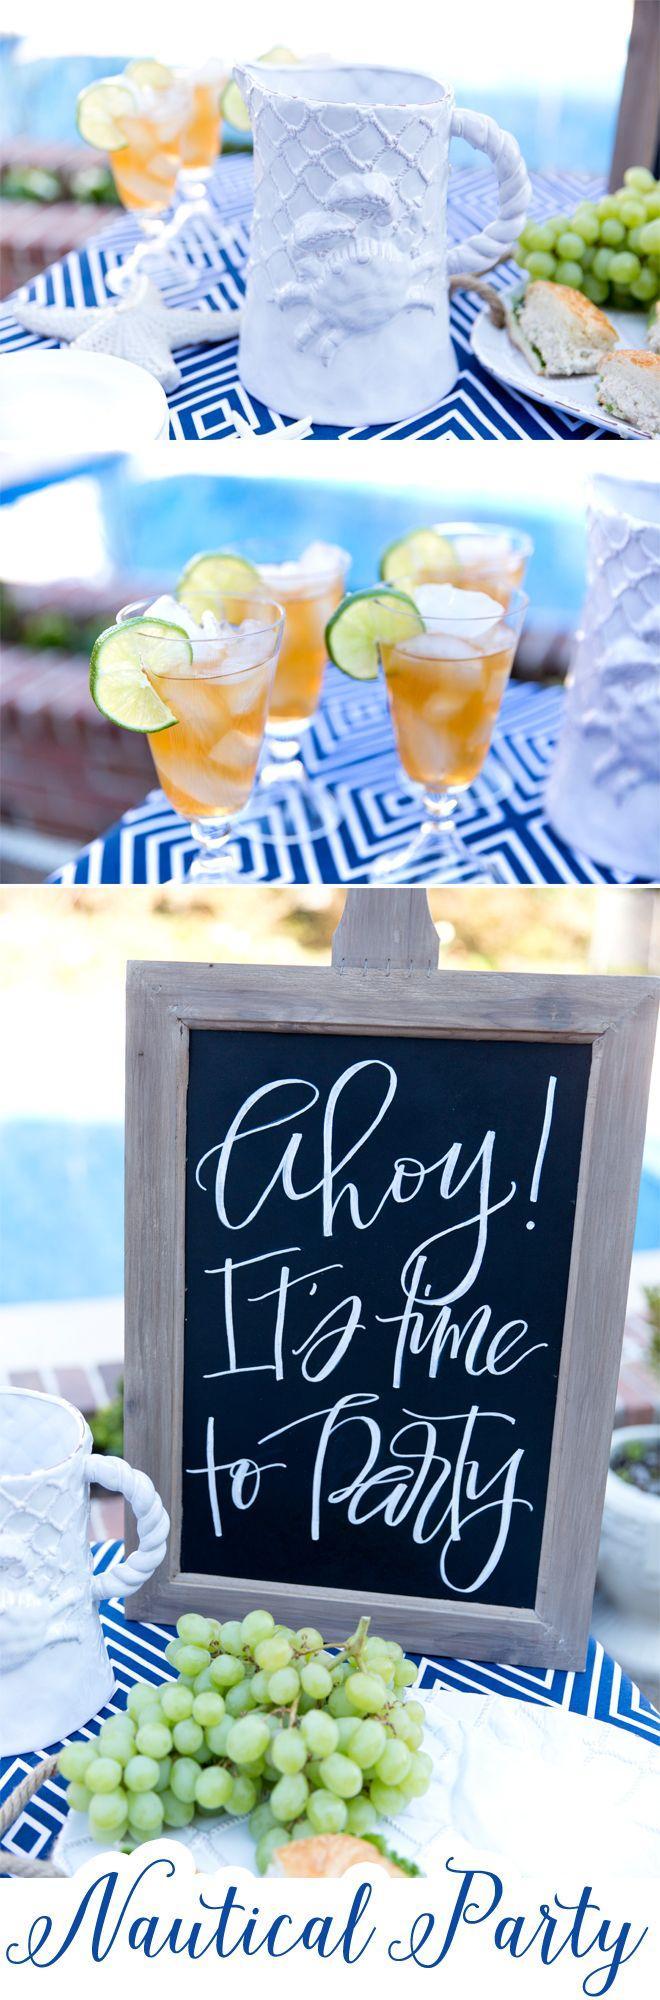 زفاف - Nautical Party Style & Mud Pie Faves